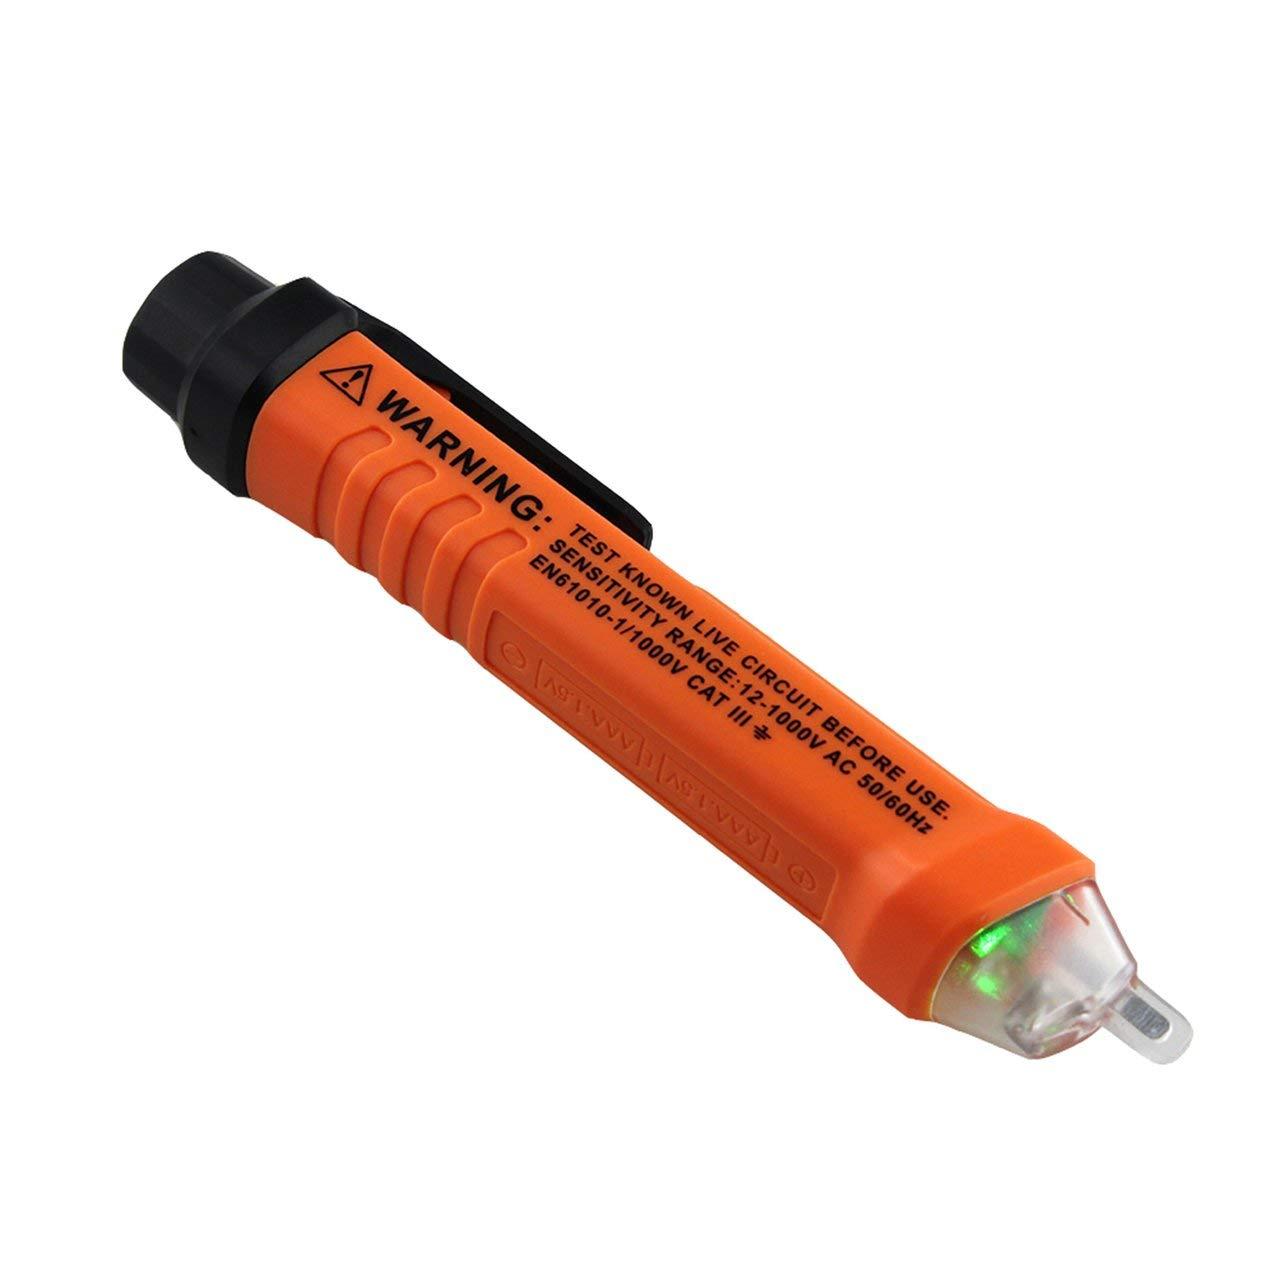 Redstrong Stylo d'essai de détecteur de Tension, ANENG Professional VD801 Stylo d'essai de Test d'induction sans Contact, détecteur de Tension Alternative Multifonctionnel, Outil de Stylo